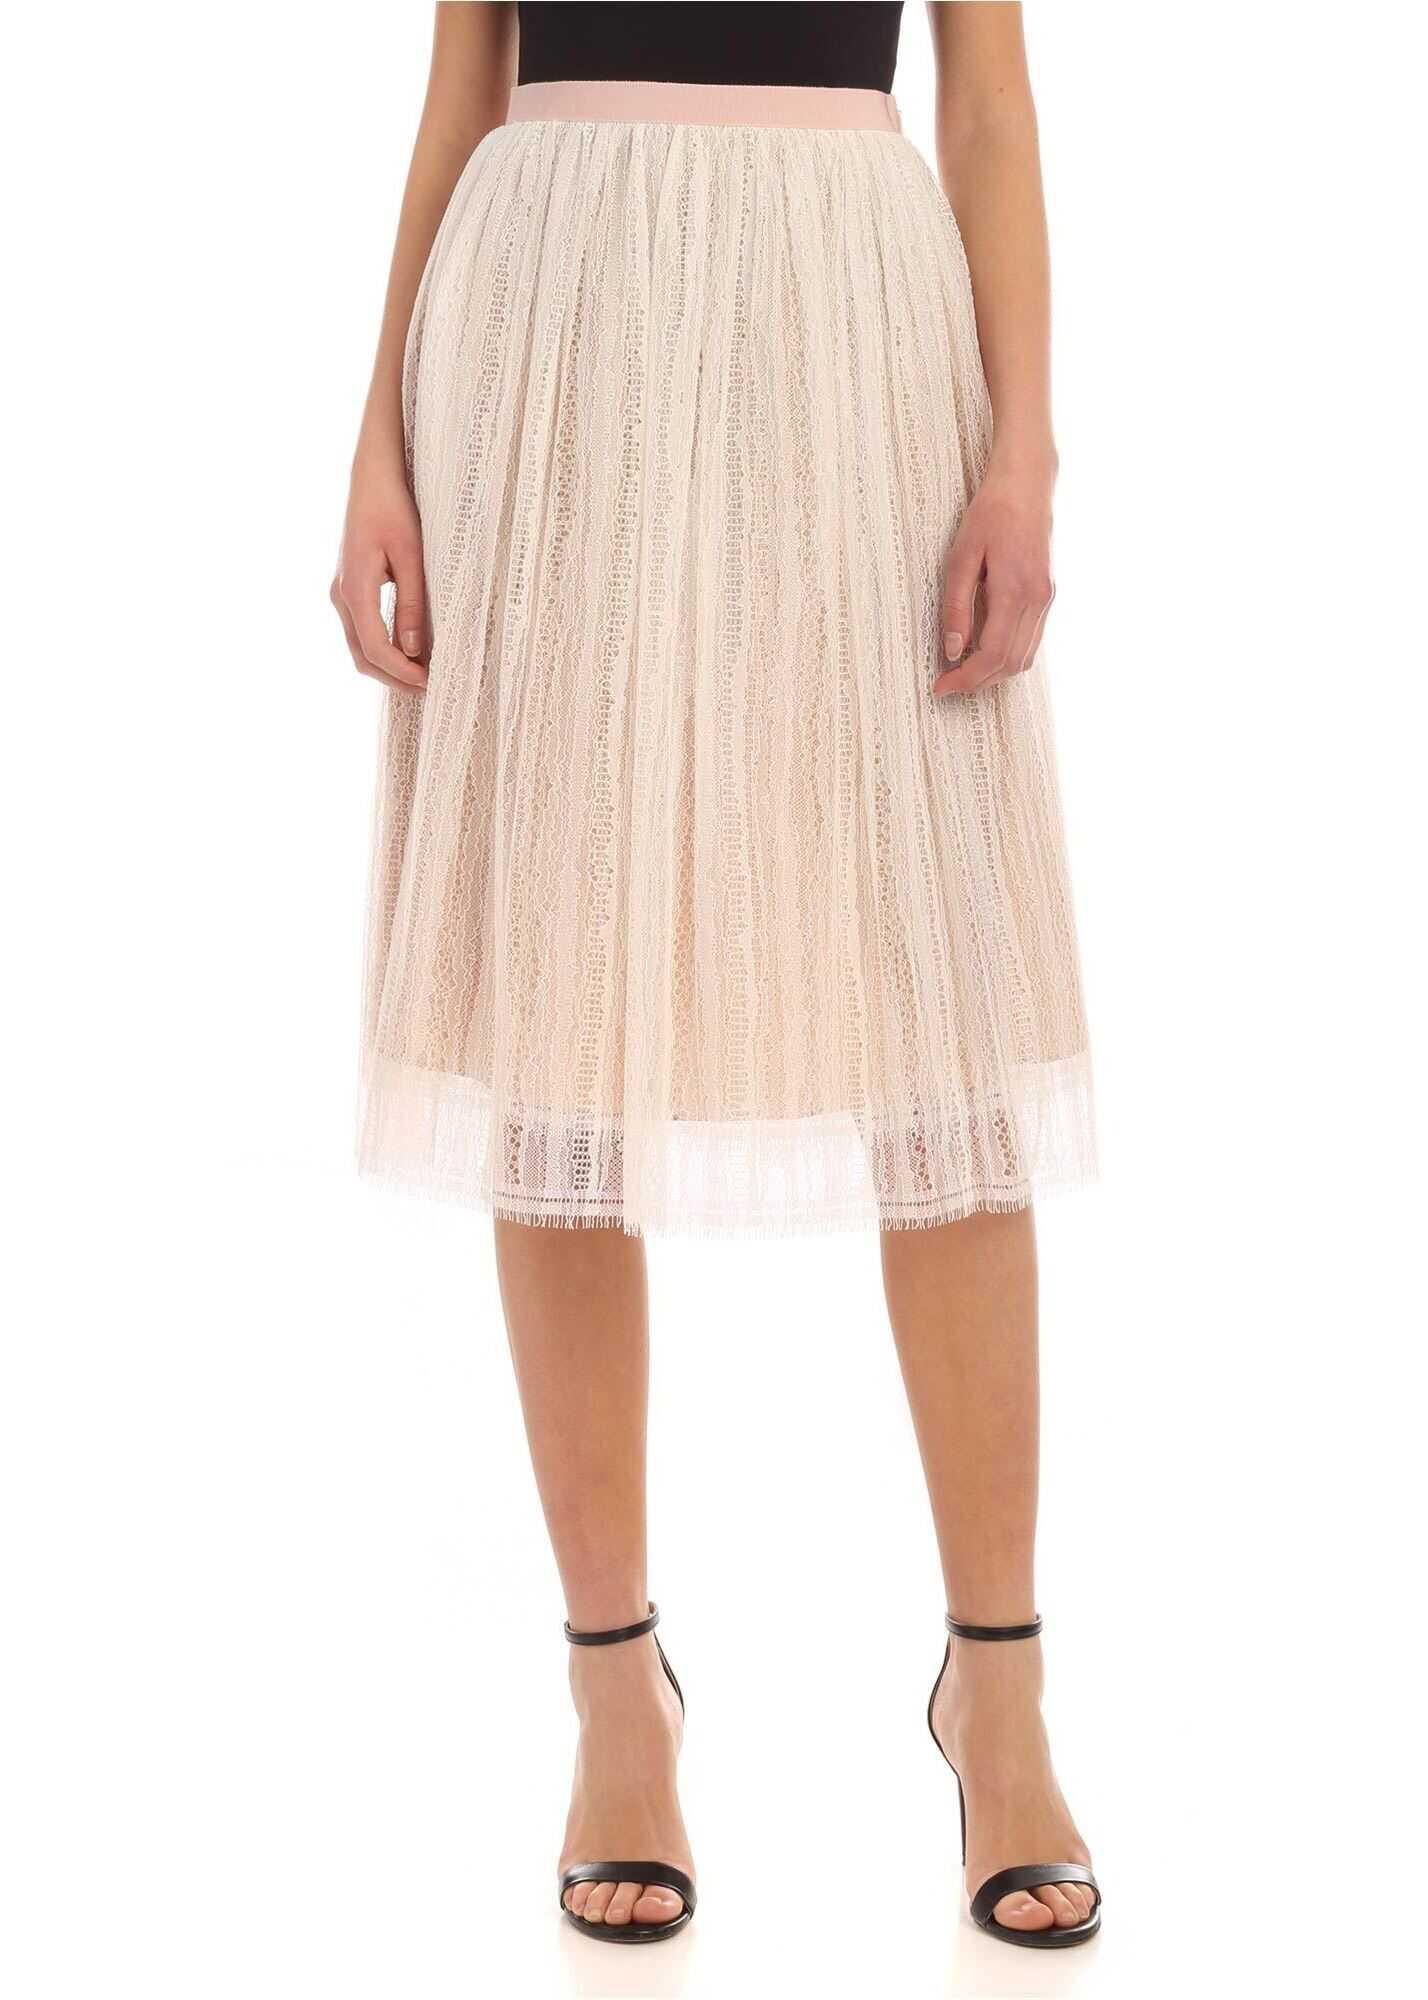 Rebrodè Lace Midi Skirt In White thumbnail